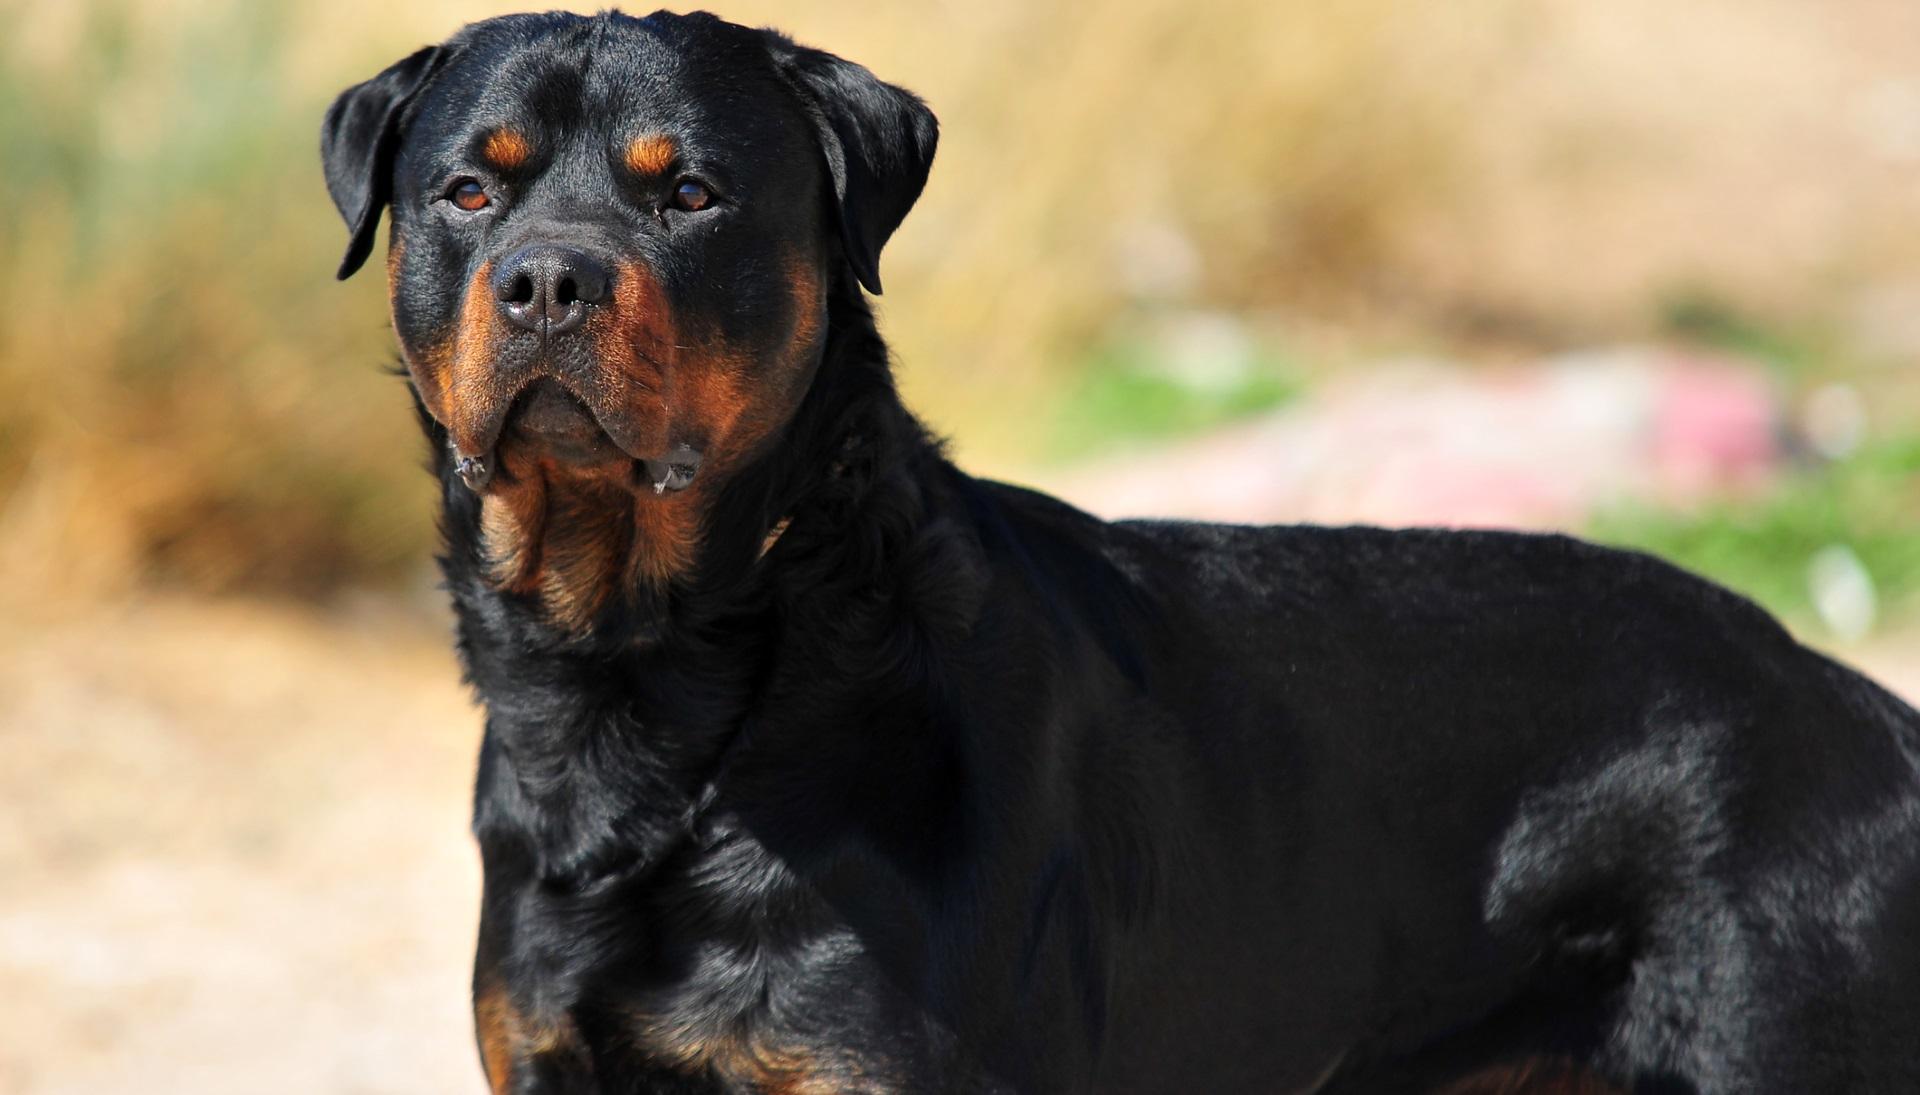 <p><strong>Ротвайлер</strong></p>  <p>Голяма порода домашни кучета, която е добродушна, спокойна, предана и послушна. Днес те се използват като полицейски, военни и кучета компаньони. Те обаче могат да бъдат прекалено агресивни към непознати и други животни. Куче от тази порода е с цена минимум 7000 долара.</p>